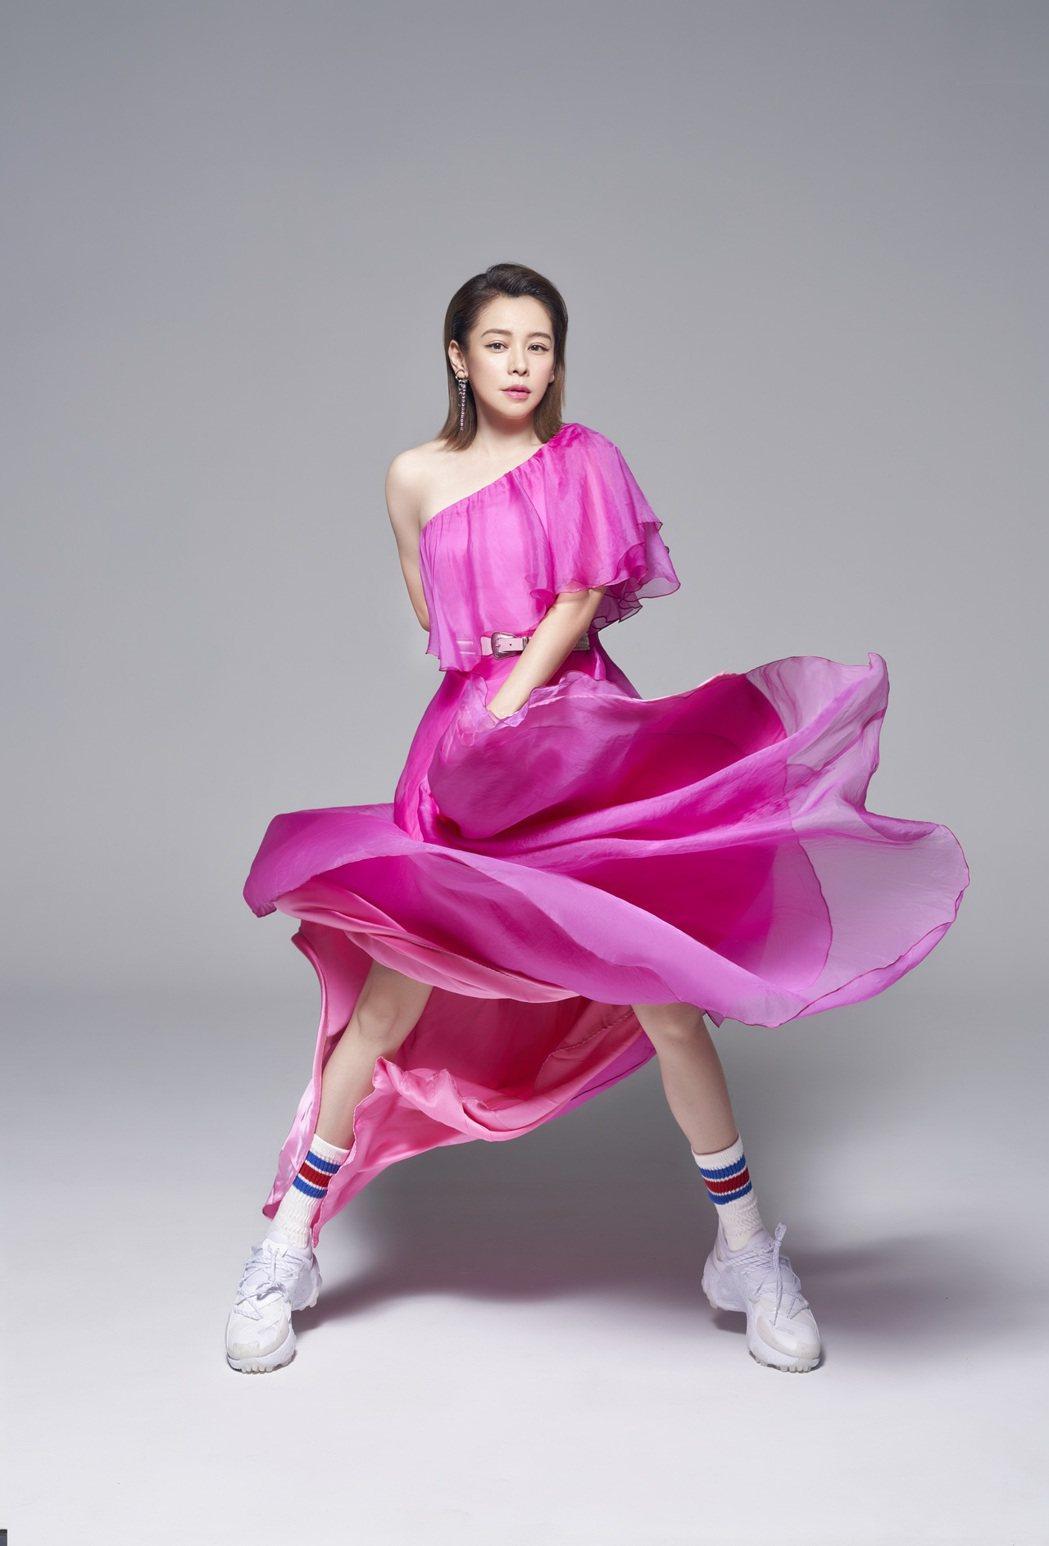 徐若瑄表示身上的粉色禮服正好是父親最愛的蘭花顏色。圖/索尼音樂提供